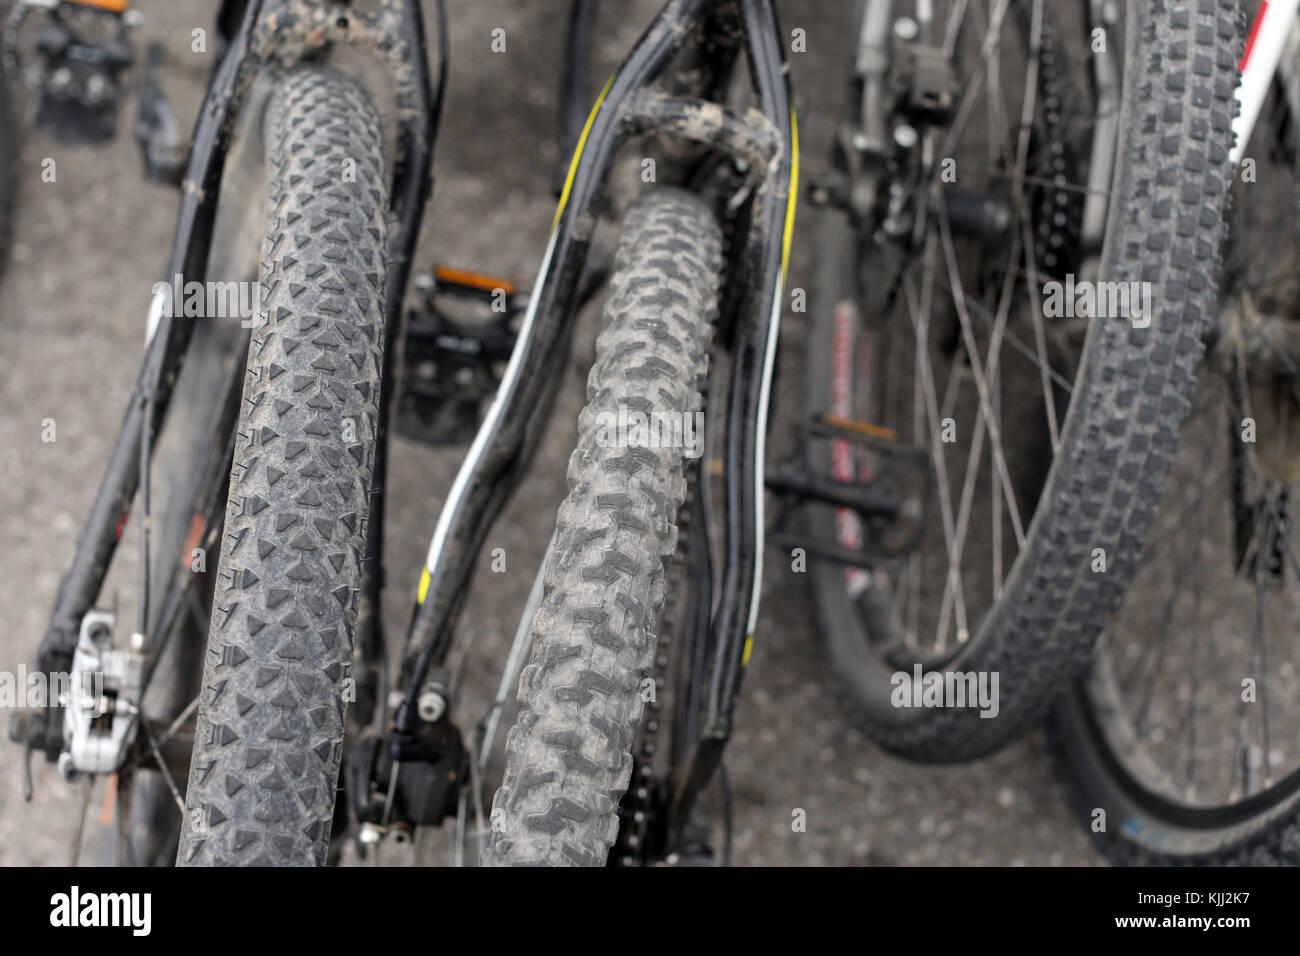 Mountain bike con pneumatici spiked. La Francia. Immagini Stock